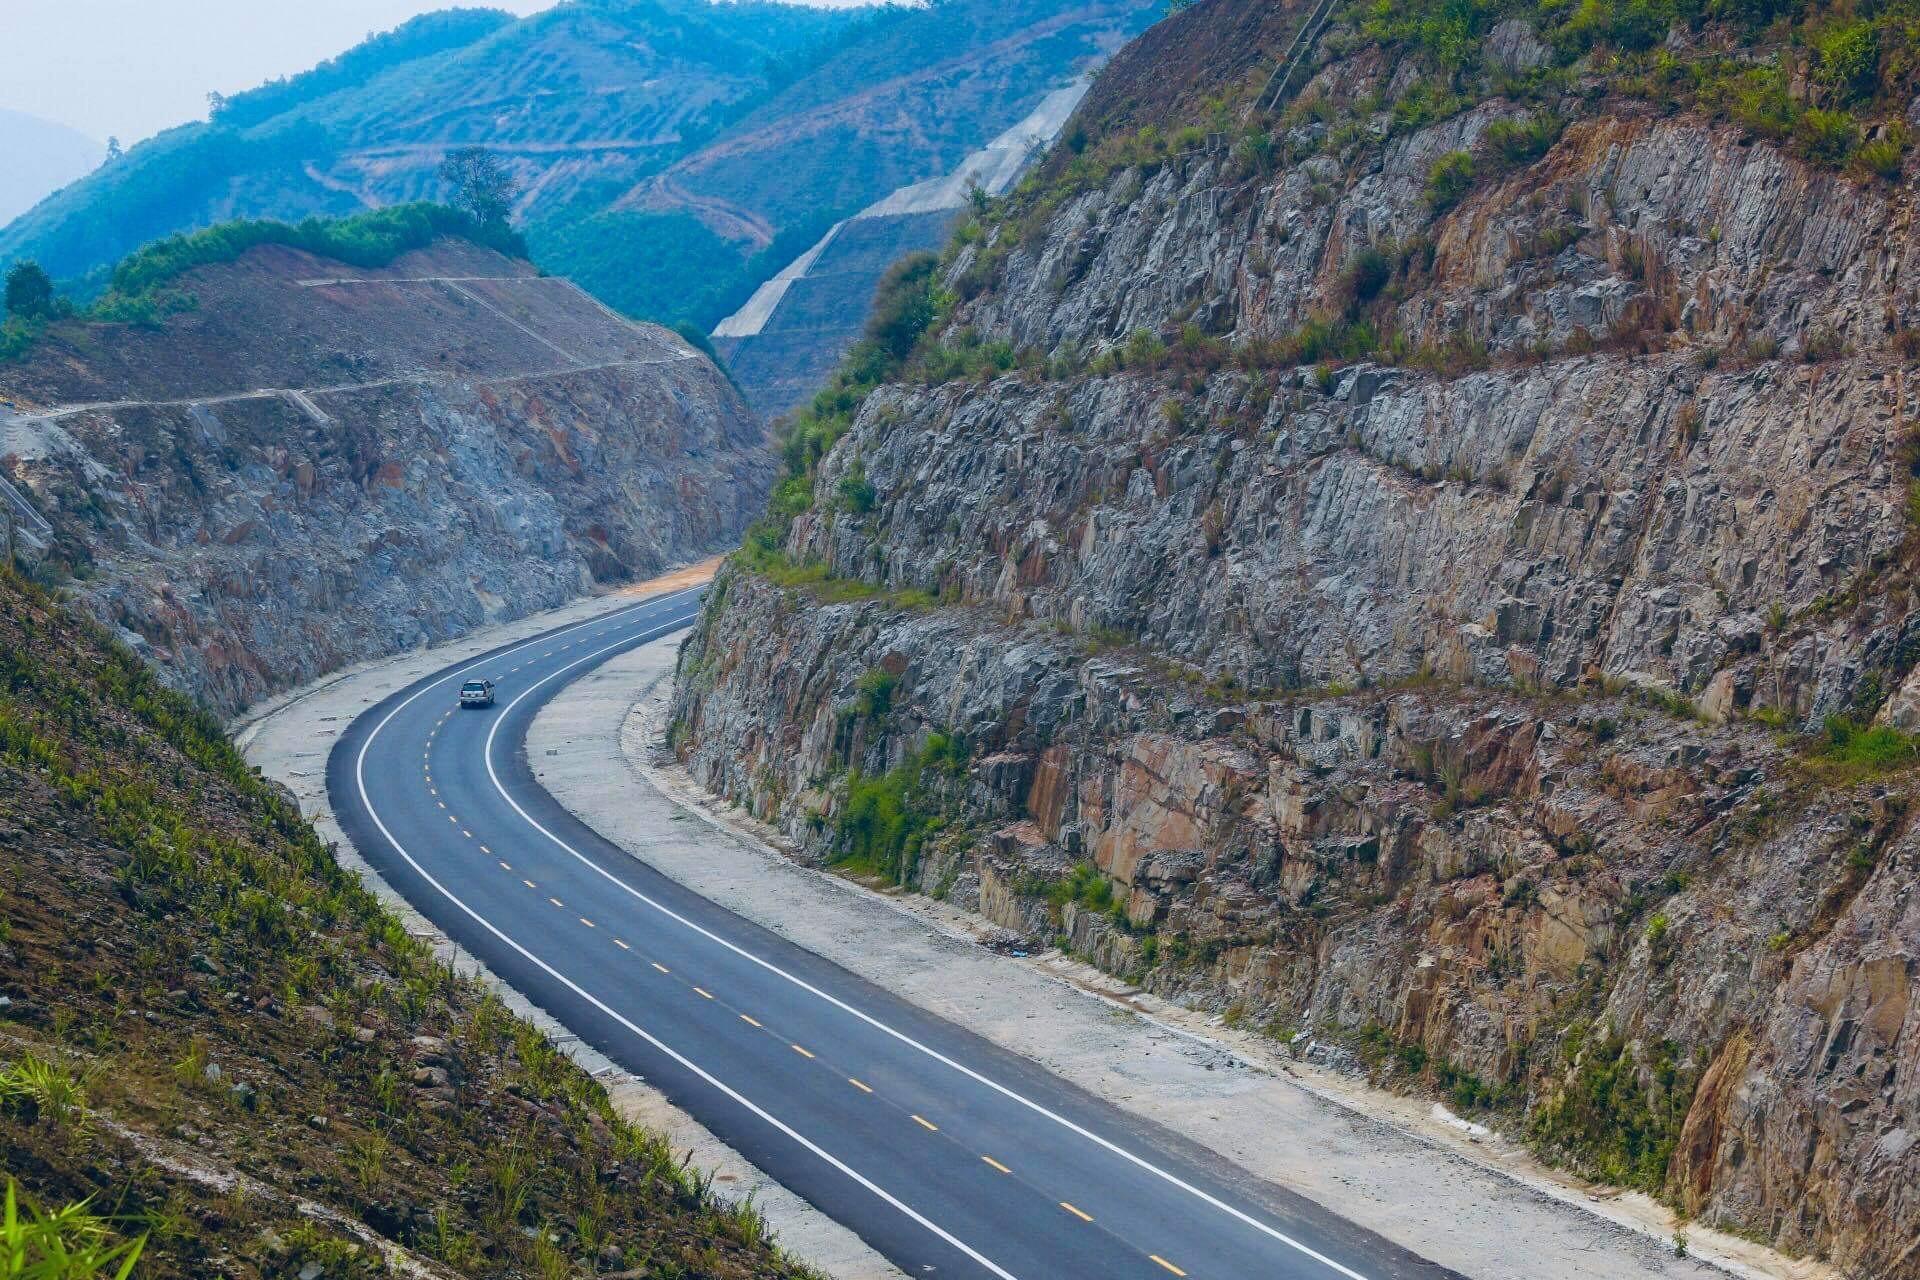 Chính phủ báo cáo gì về tiến độ 8 dự án đầu tư công thuộc cao tốc Bắc - Nam?